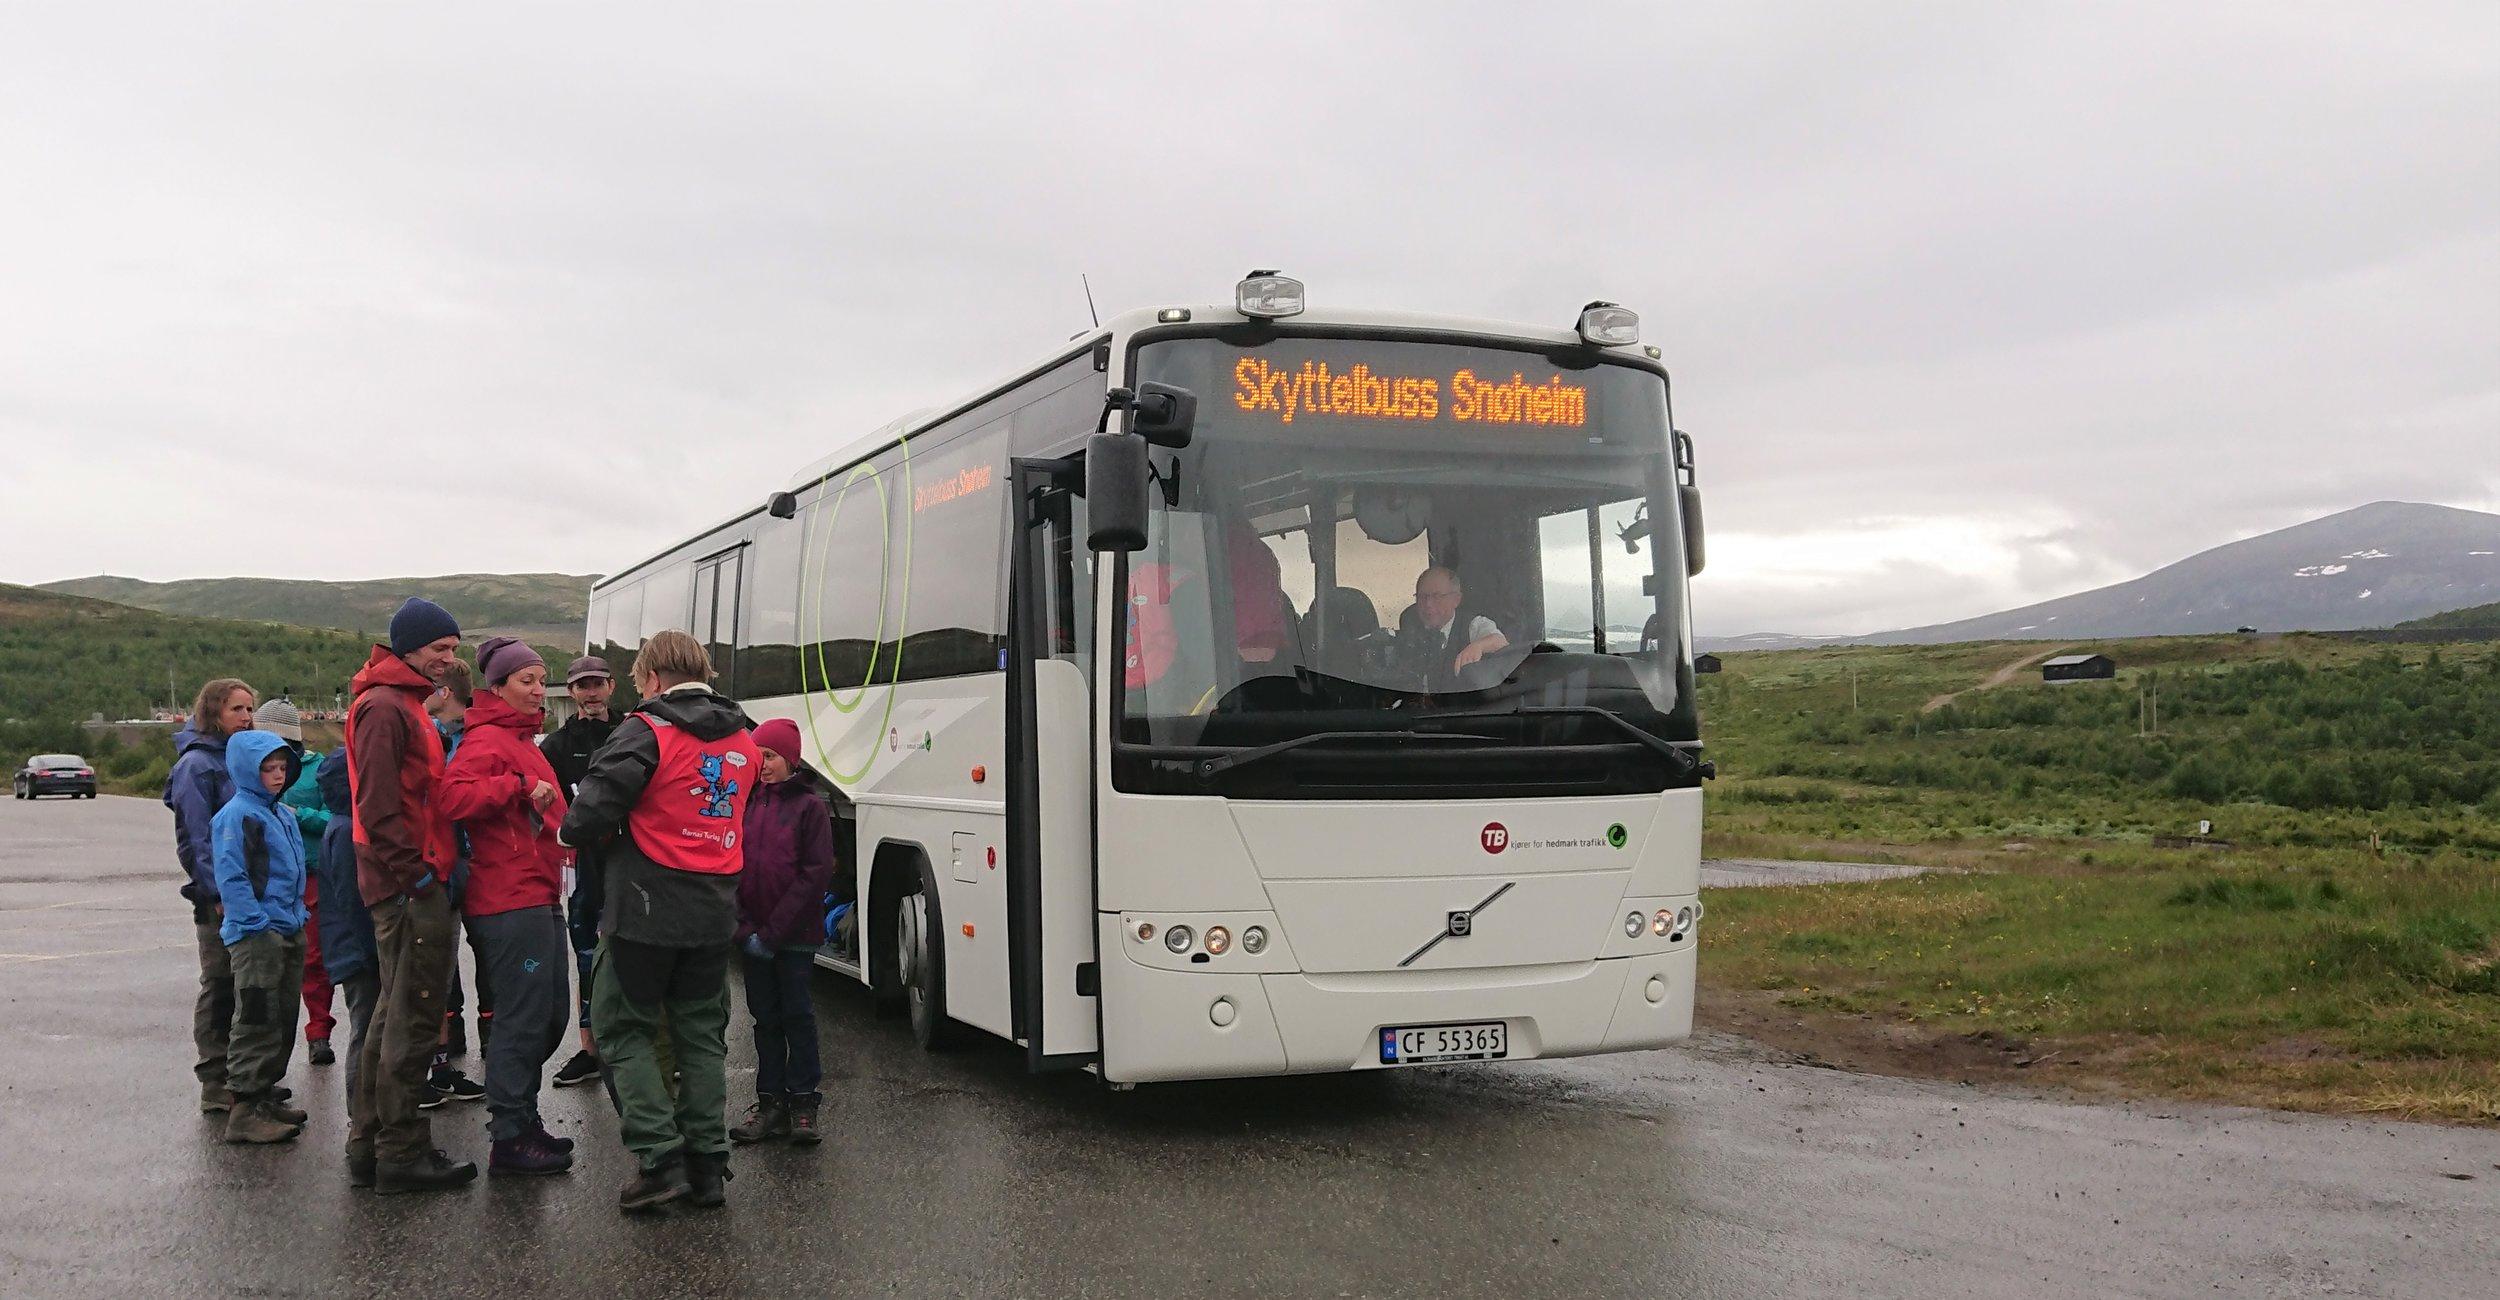 Snøheimbussen har avgang på tunet ved Norsk villreinsenter på Hjerkinn. Foto: Norsk villreinsenter.